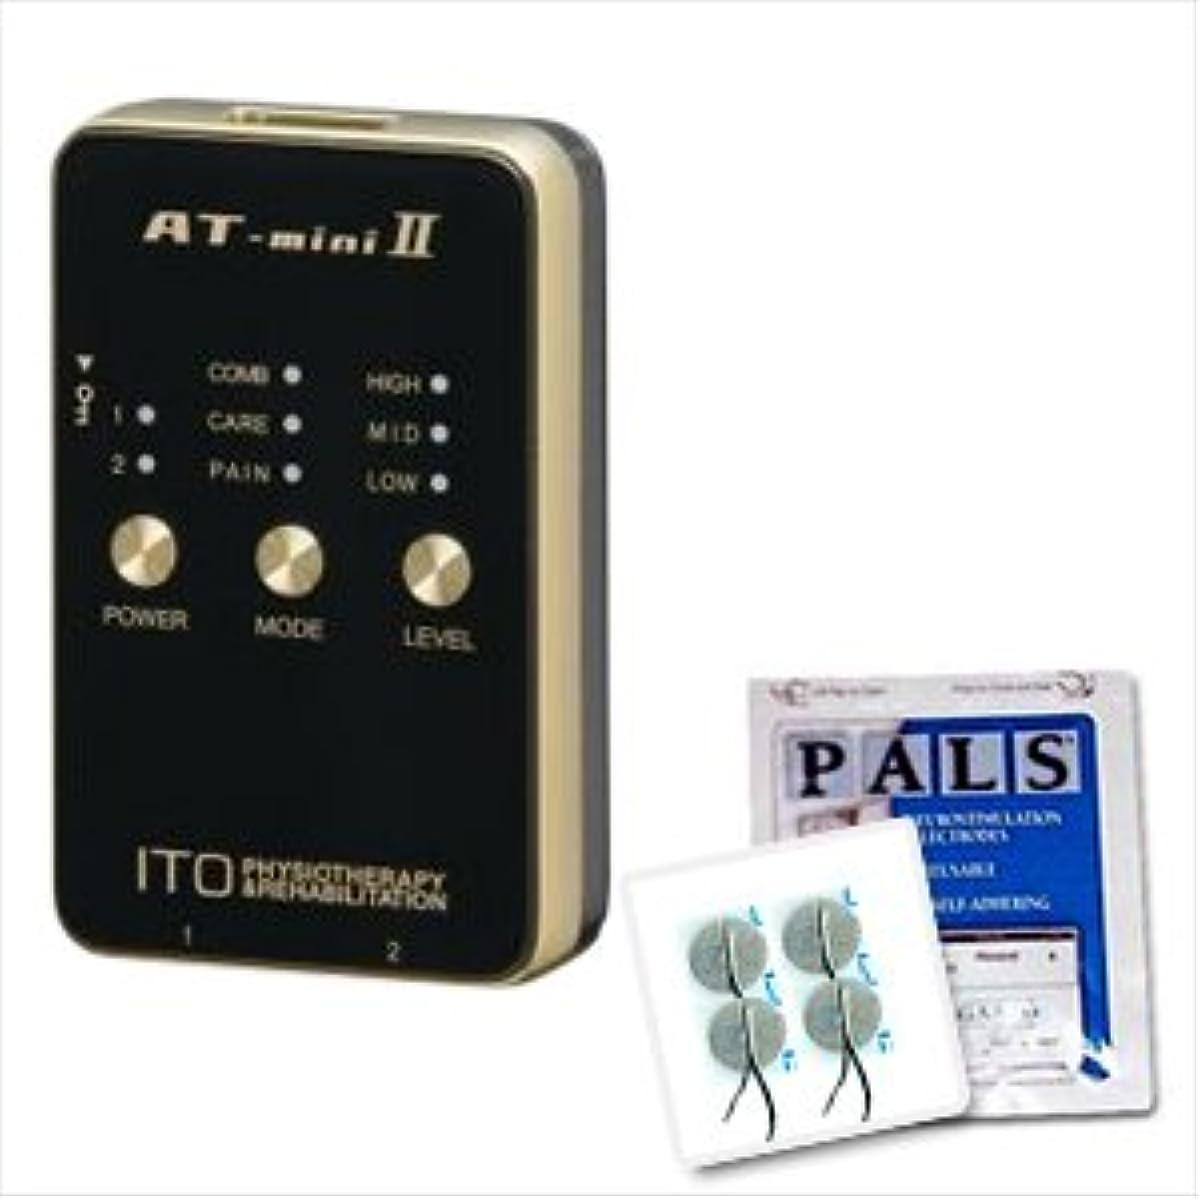 離れてうなり声食物低周波治療器 AT-mini II ブラック+アクセルガードSサイズ(円:直径3cm:1袋4枚入)セット